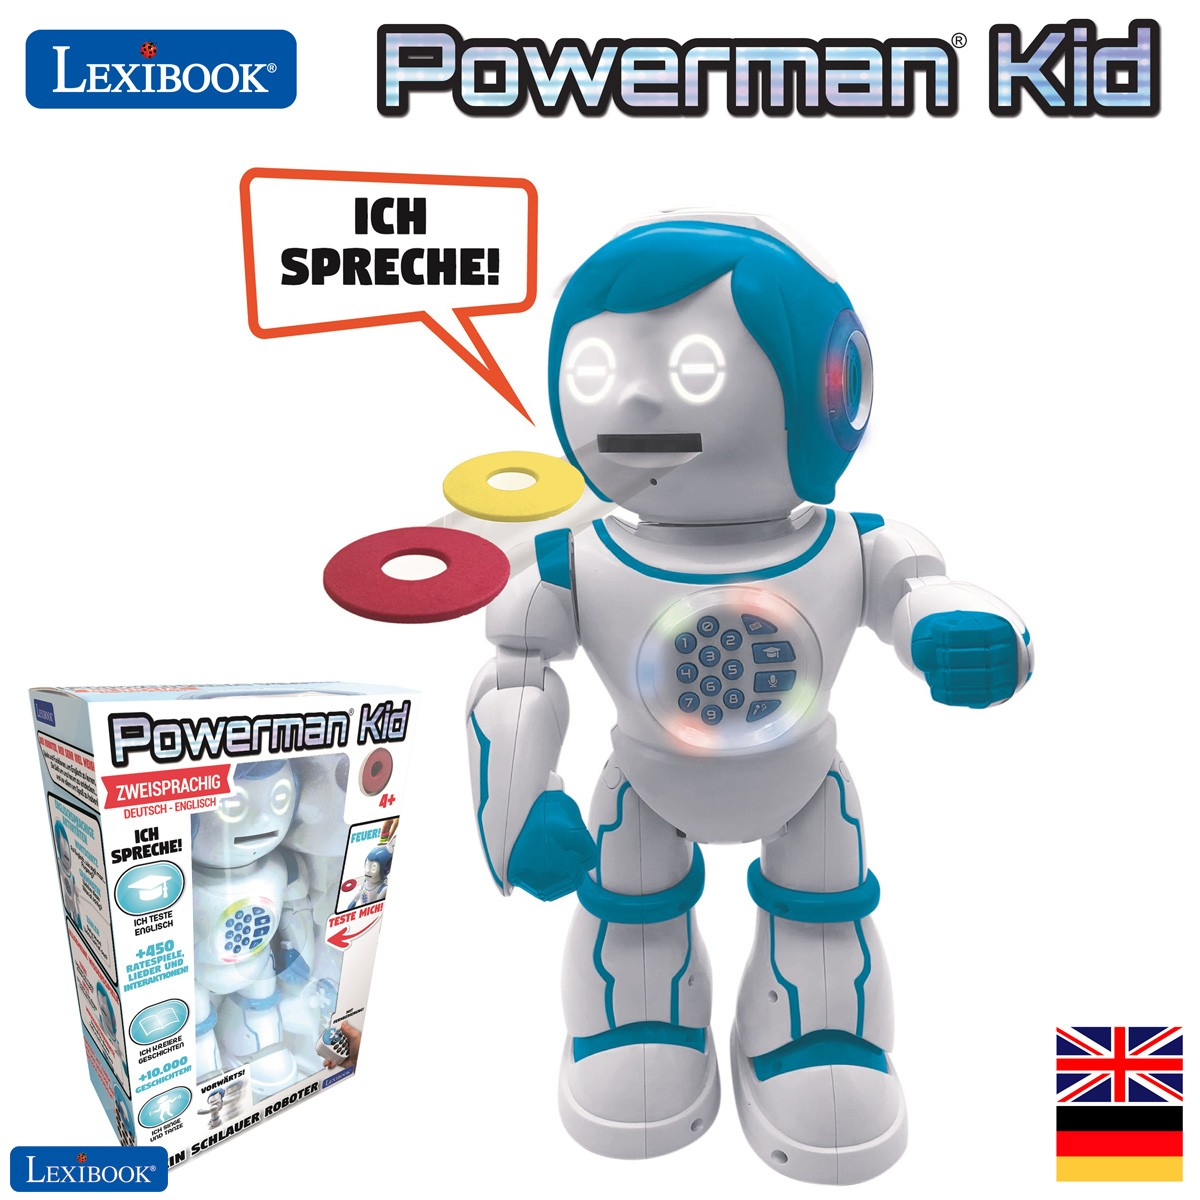 Powerman Kid - Pädagogischer und zweisprachiger deutsch/englischer Roboter